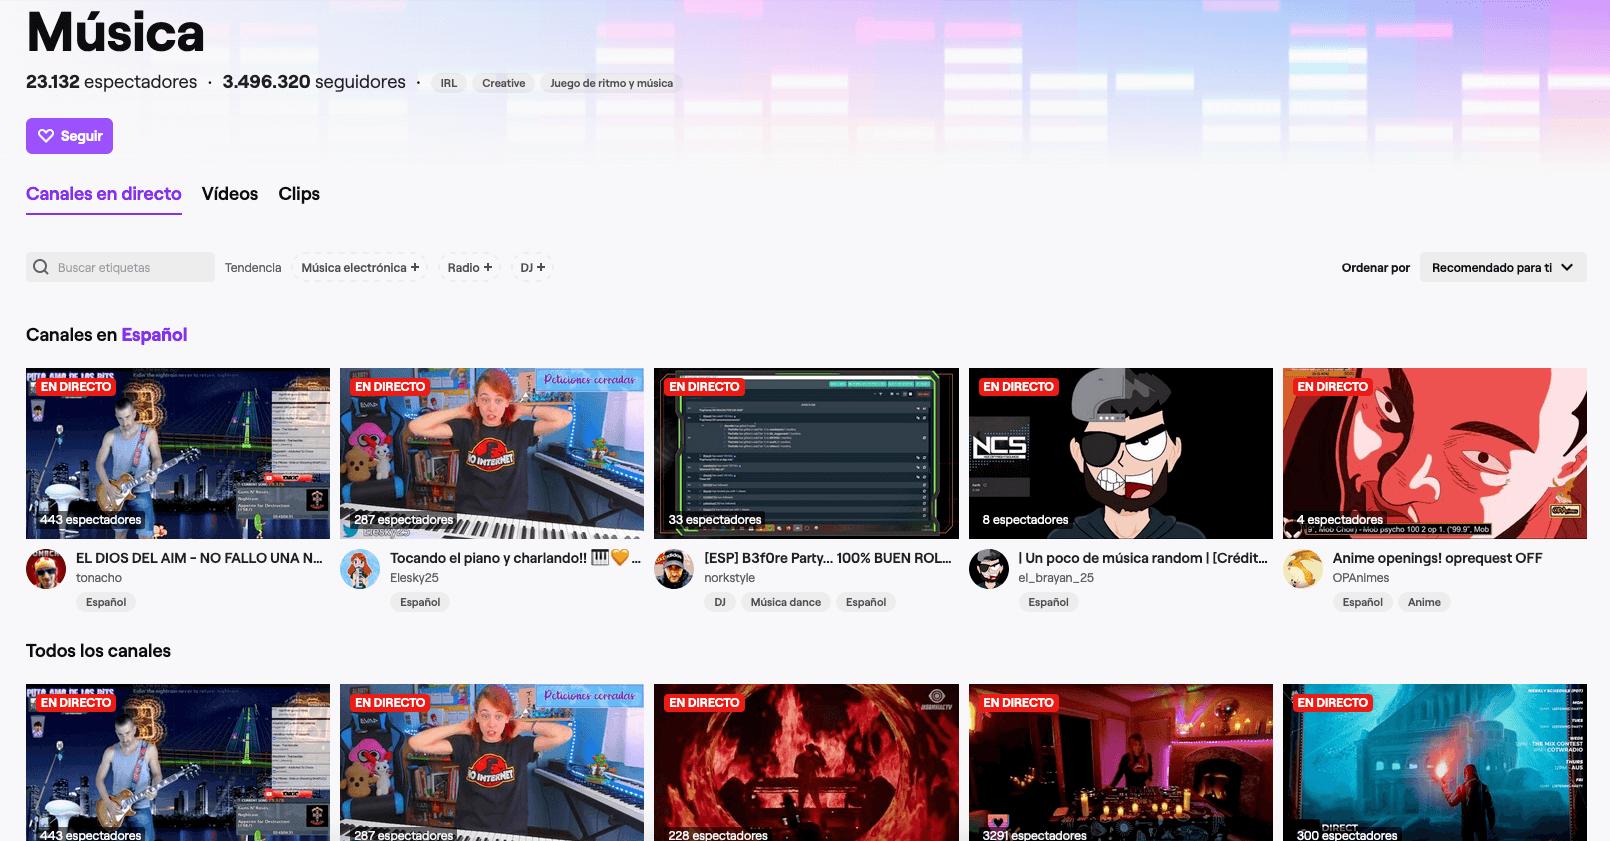 Música en streaming en twitch